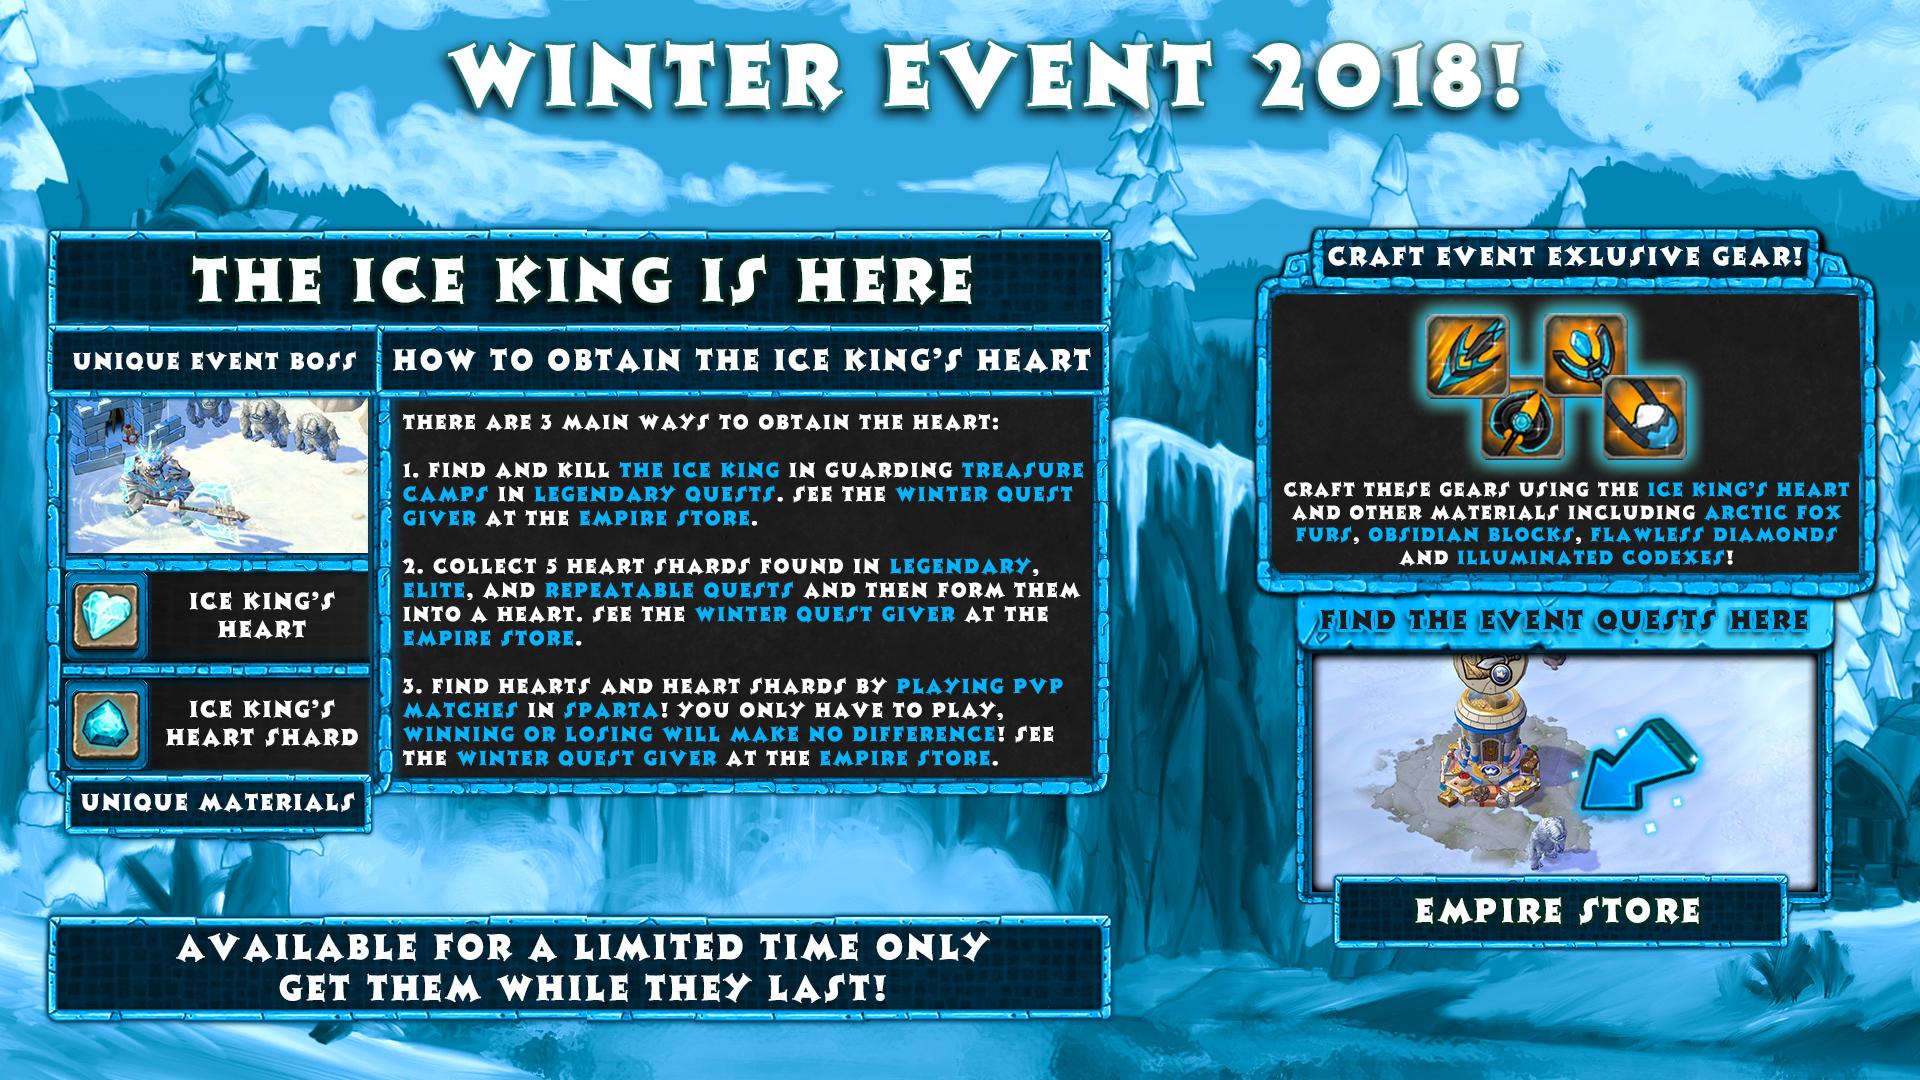 WinterEvent2018Announcement.png